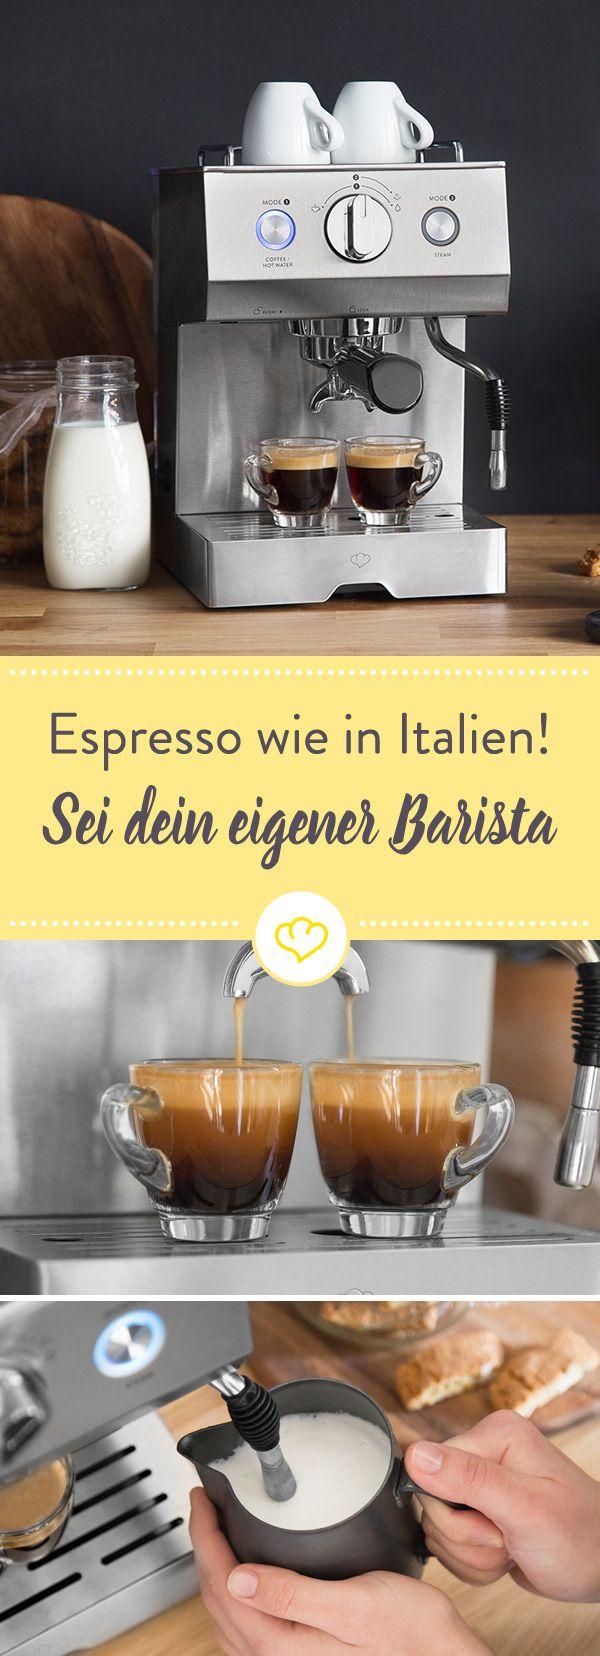 Wenn dich eins aus dem Bett holt, dann der Duft von frisch gebrühtem Kaffee – Den dir Espressomaschine Emilia von Springlane Kitchen jeden Morgen um die Nase weht.